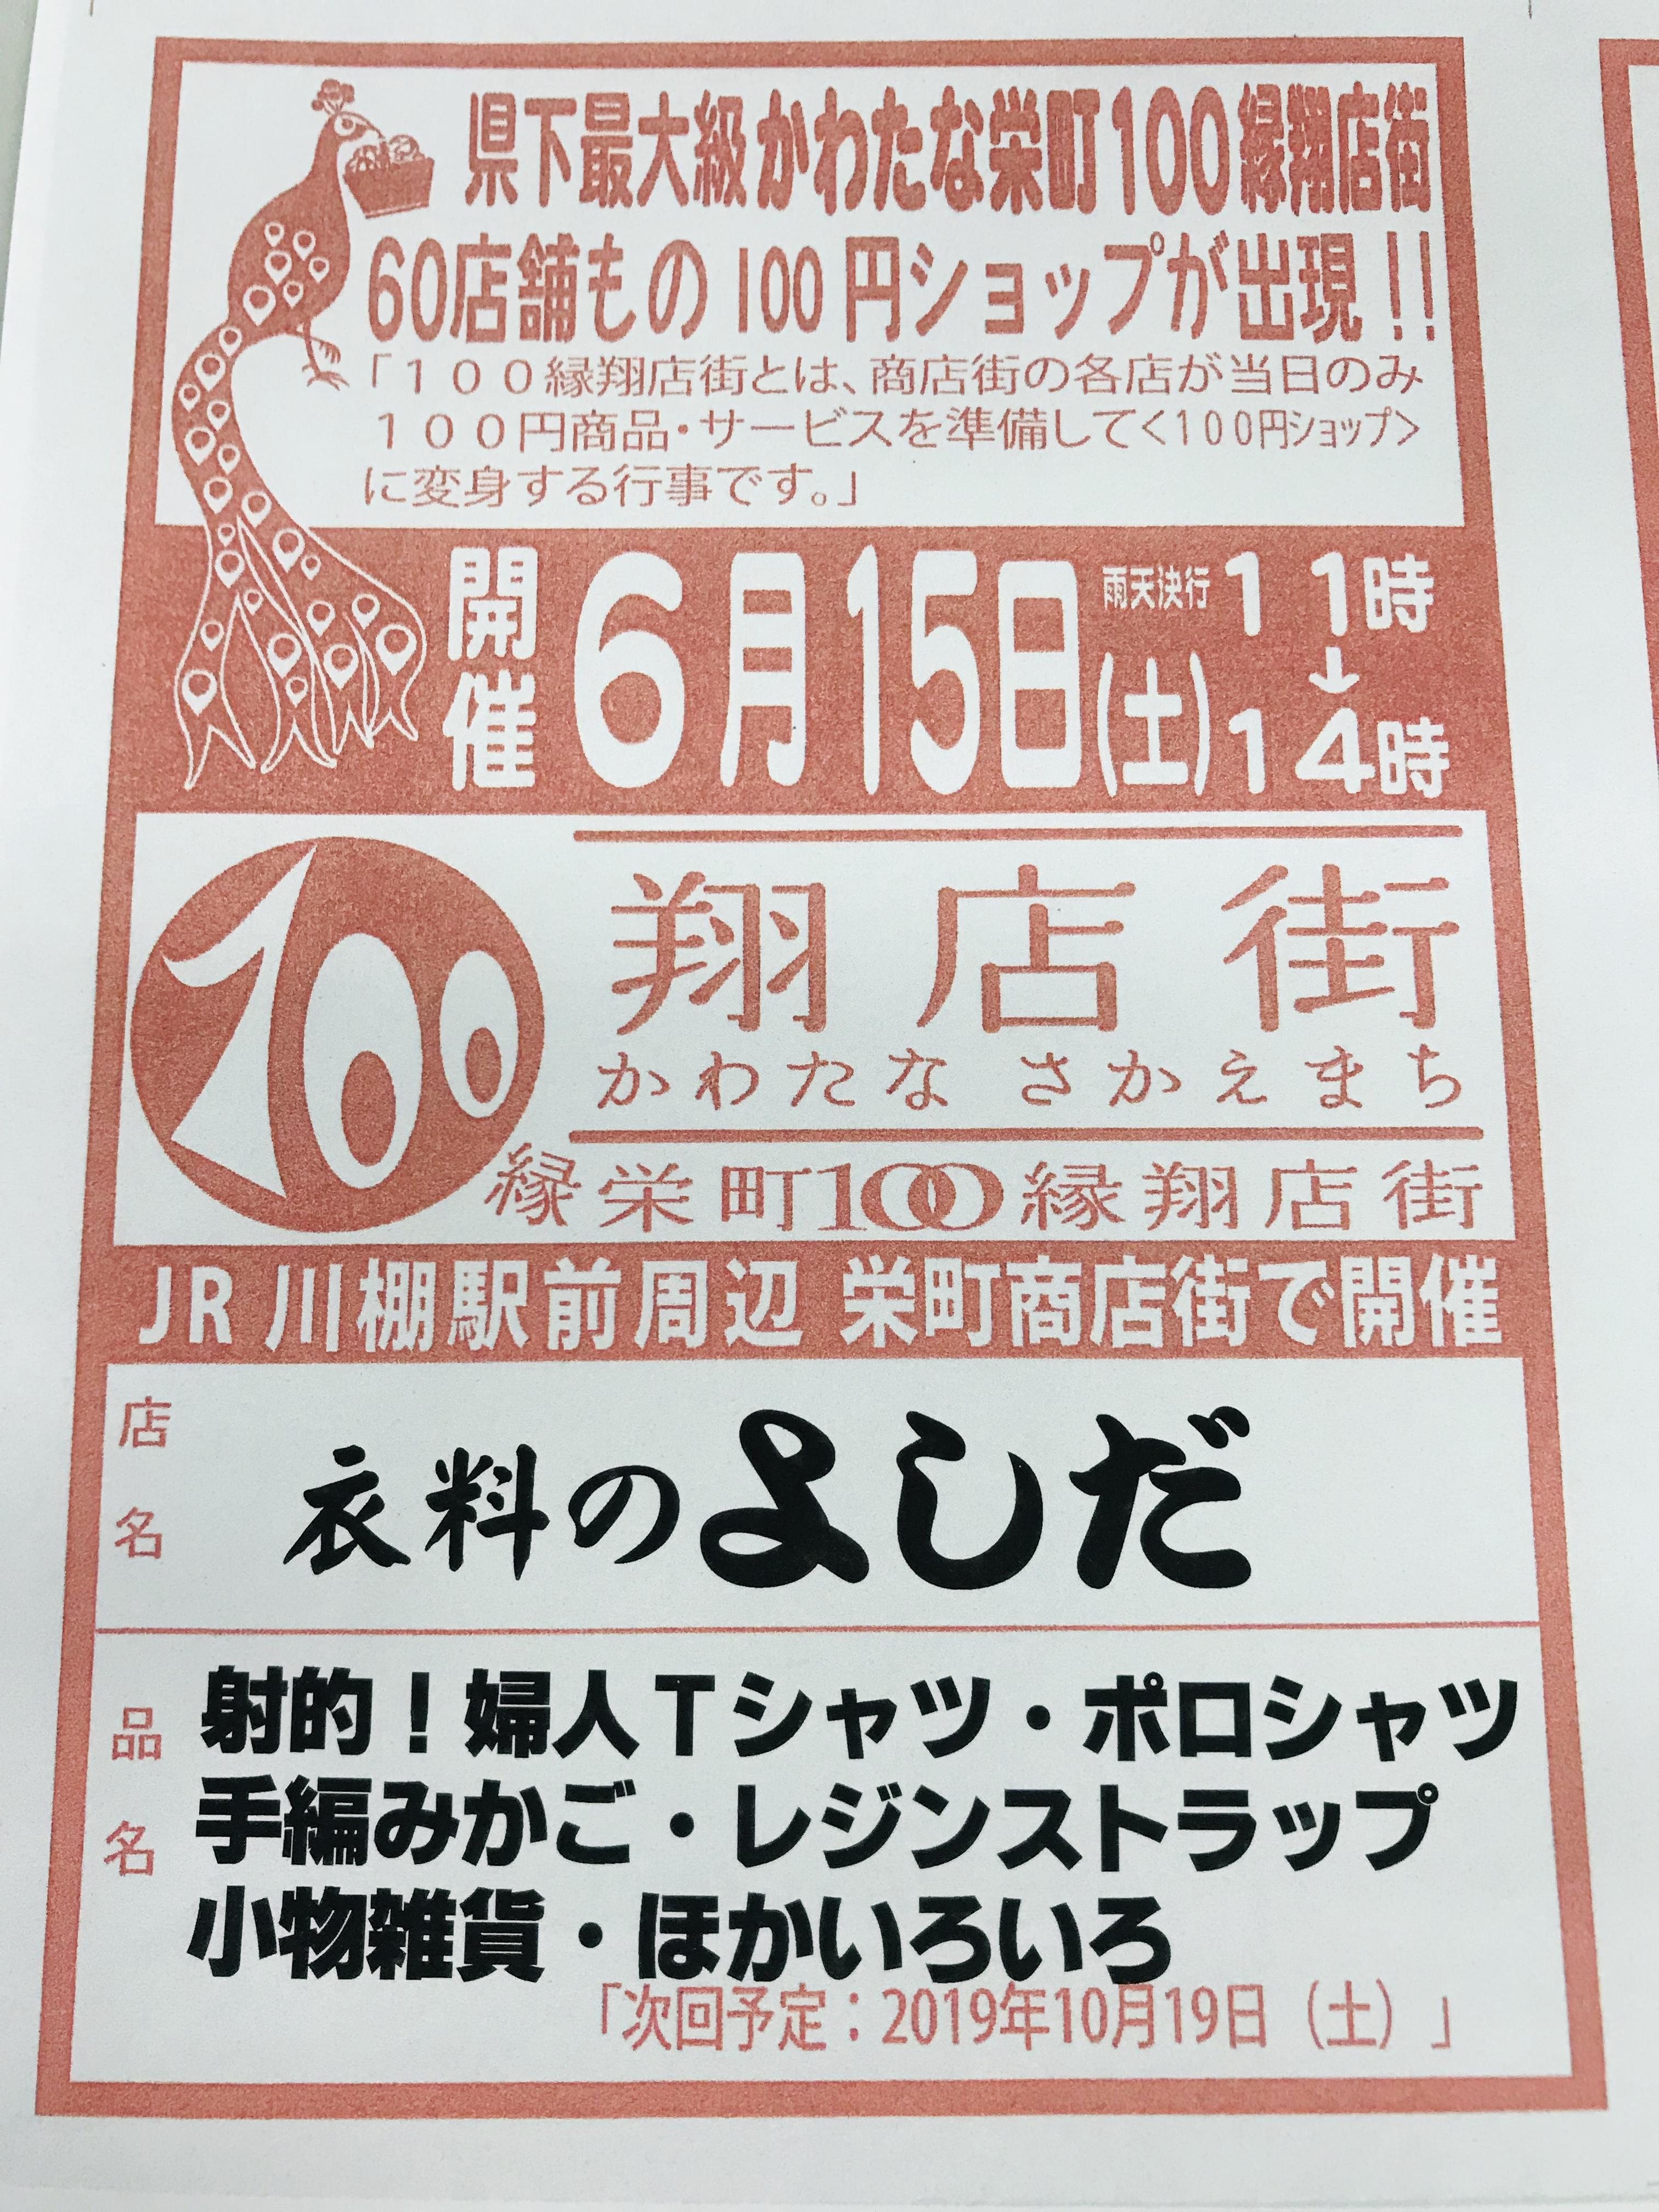 【かわたな栄町100縁翔店街】明日6/15(土)開催!